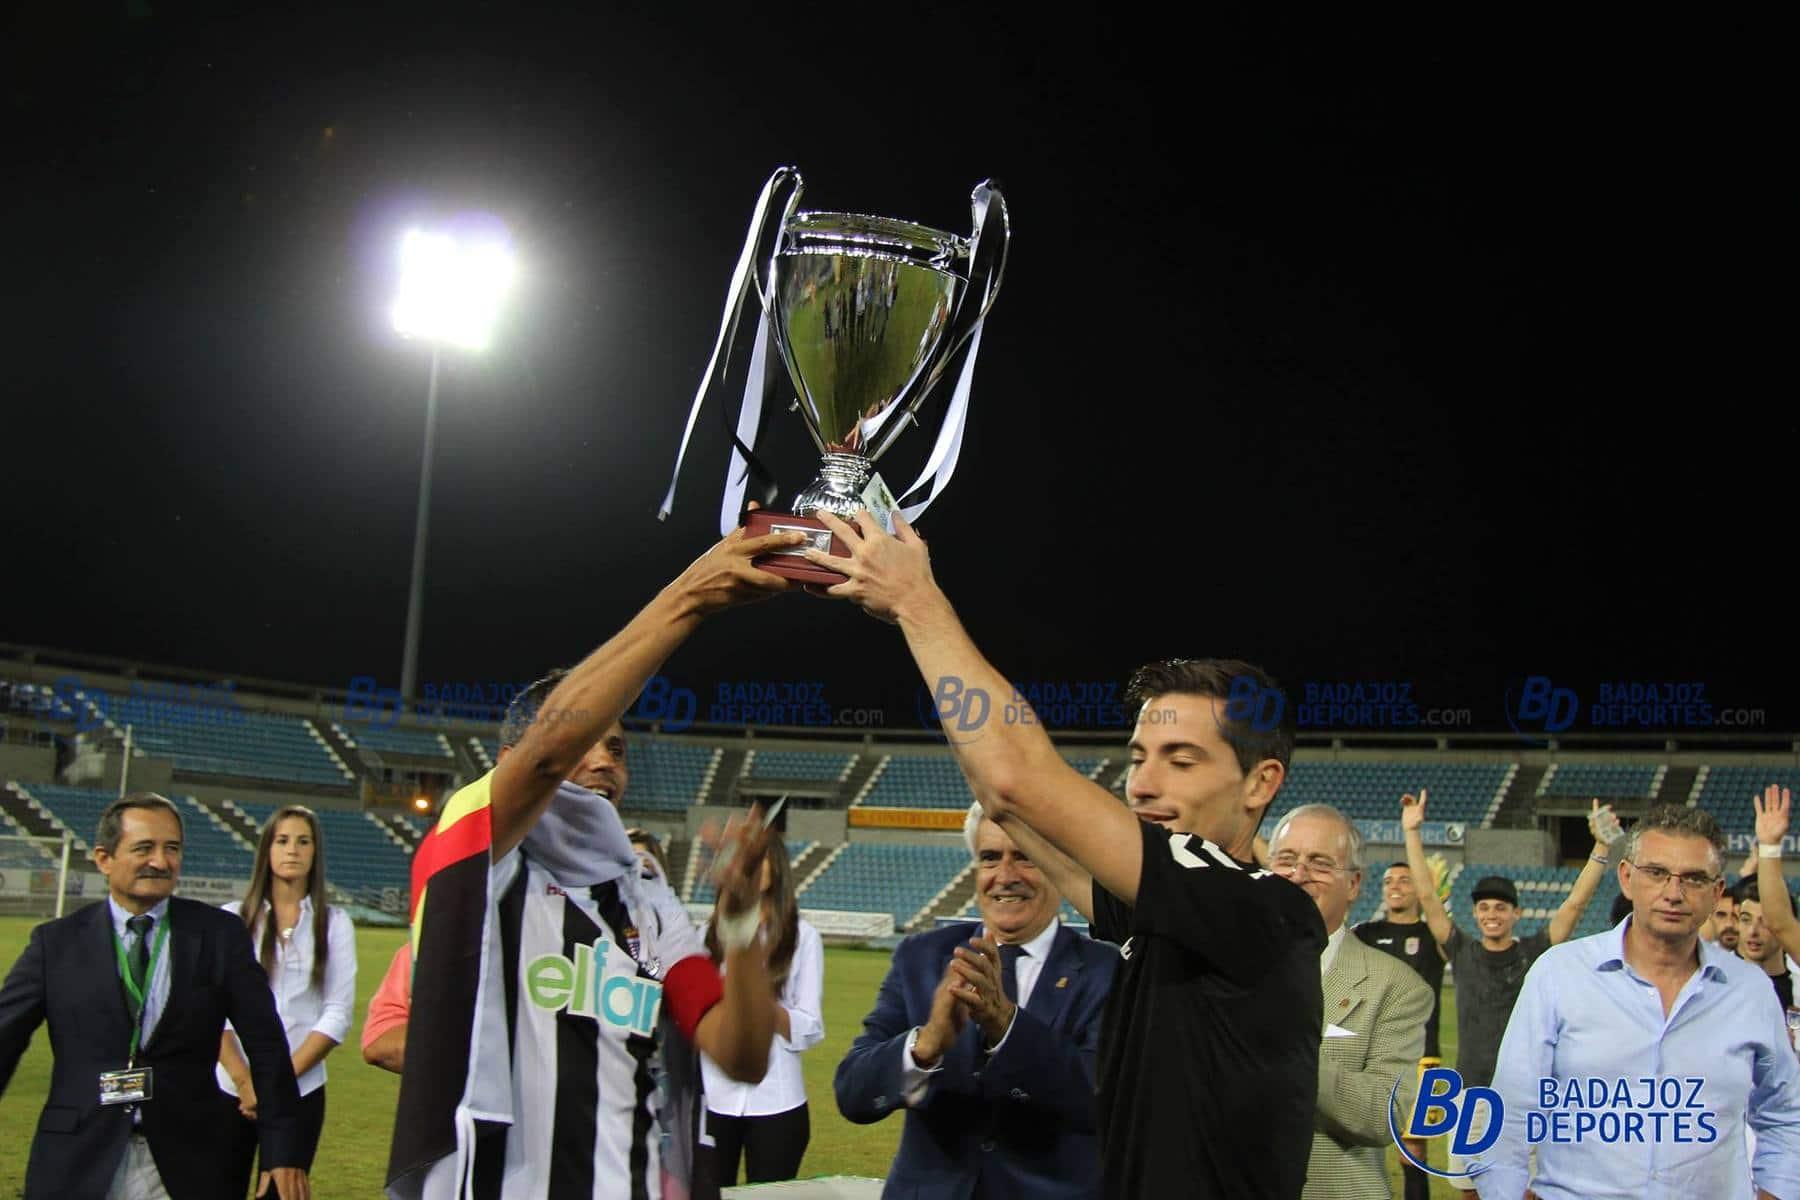 Copito comparte don Borja Sánchez el honor de levantar el trofeo de Copa Federación. POL GARCÍA